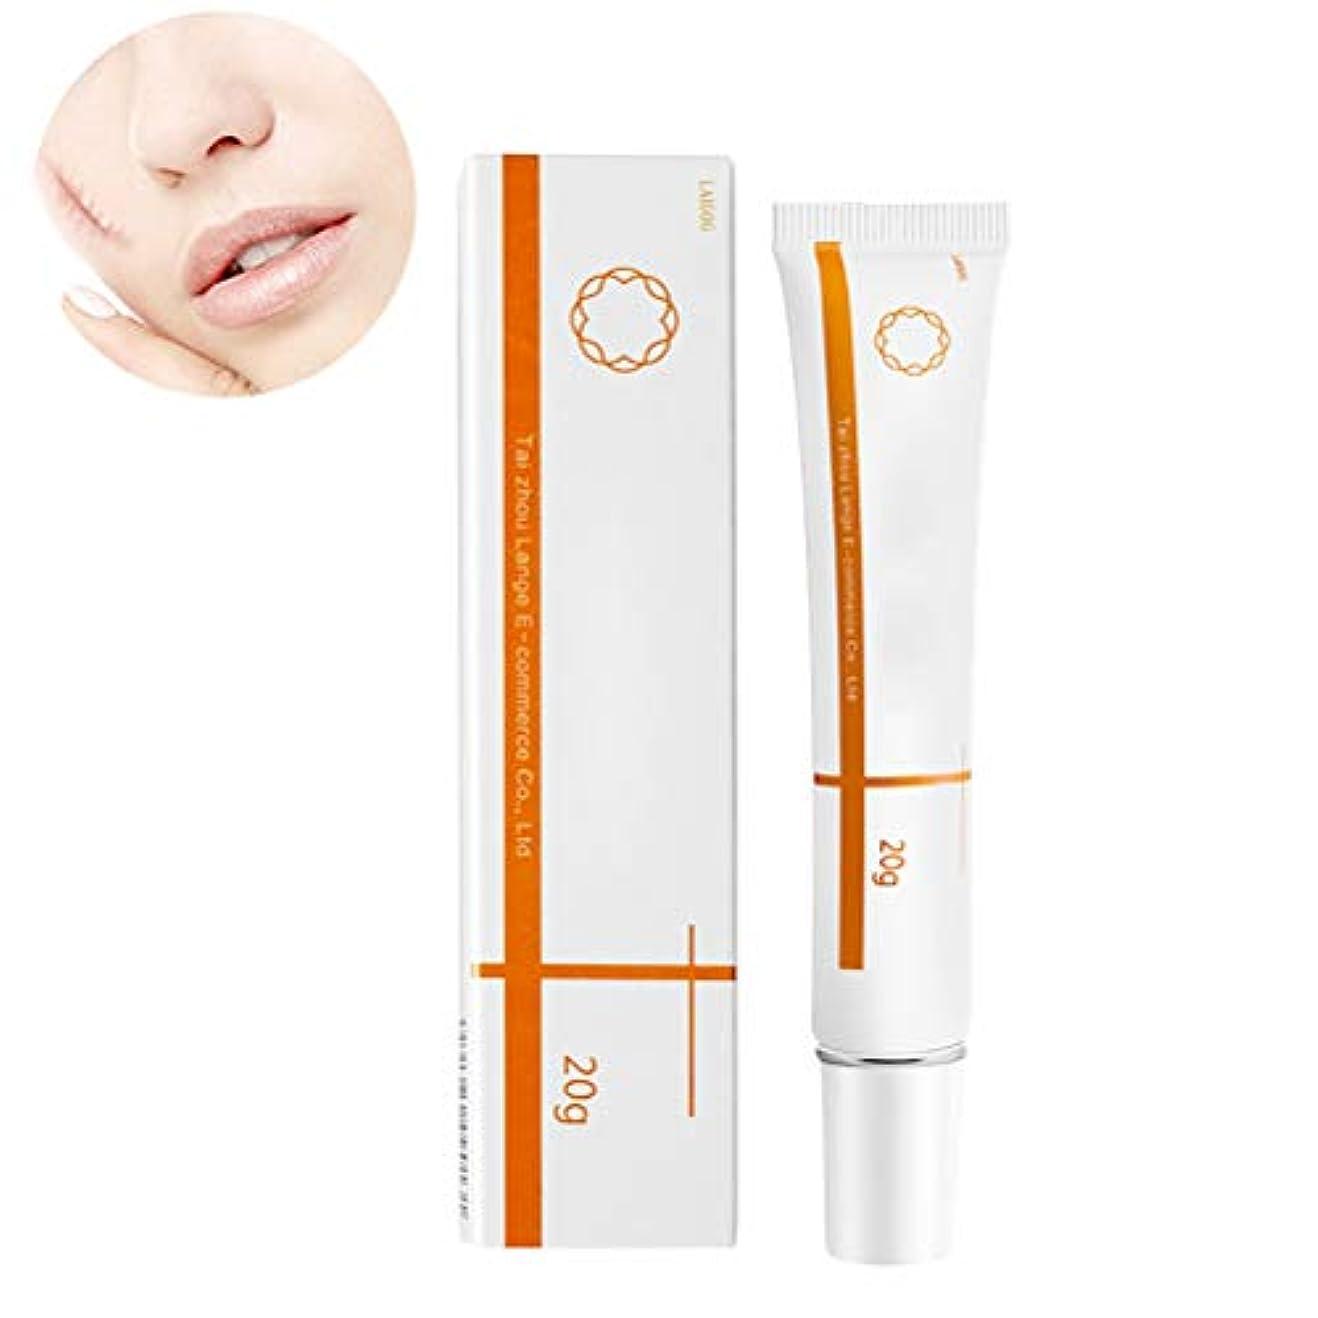 支給フェミニン見捨てるBSMEAN 20g傷跡の修復クリームは、にきび傷跡クリーム顔肌の修復クリームを削除します